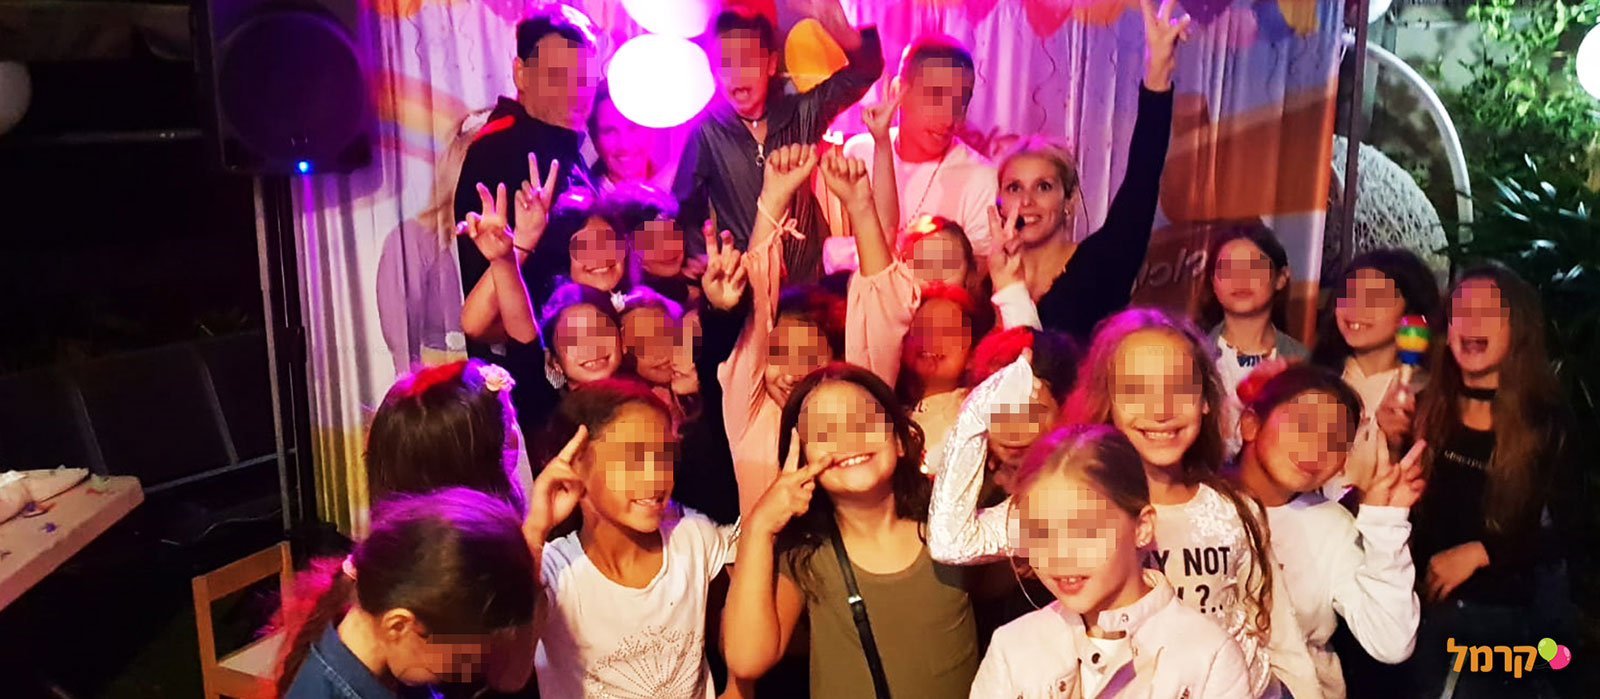 מסיבה מושלמת מהאגדות - 073-7027636